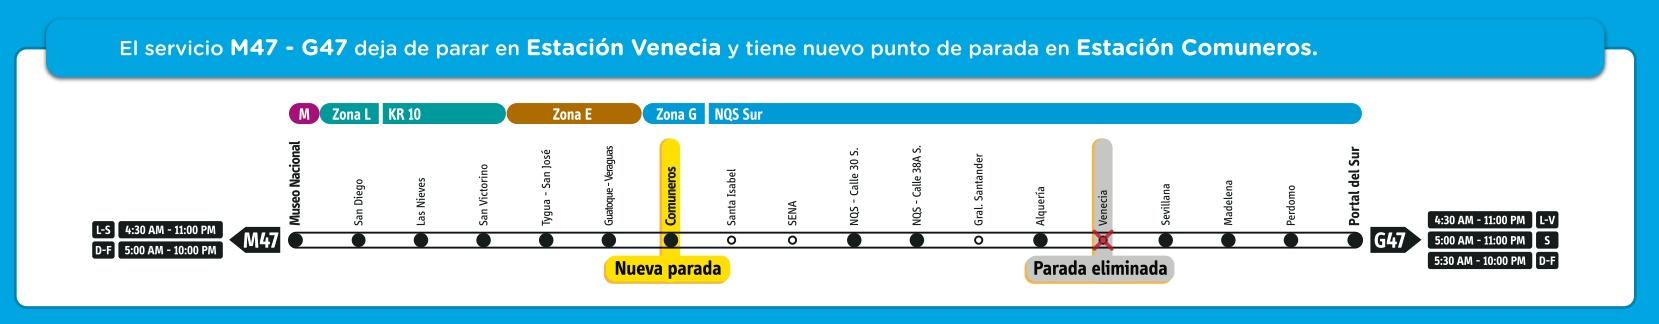 Mapa rutas M47 y G47